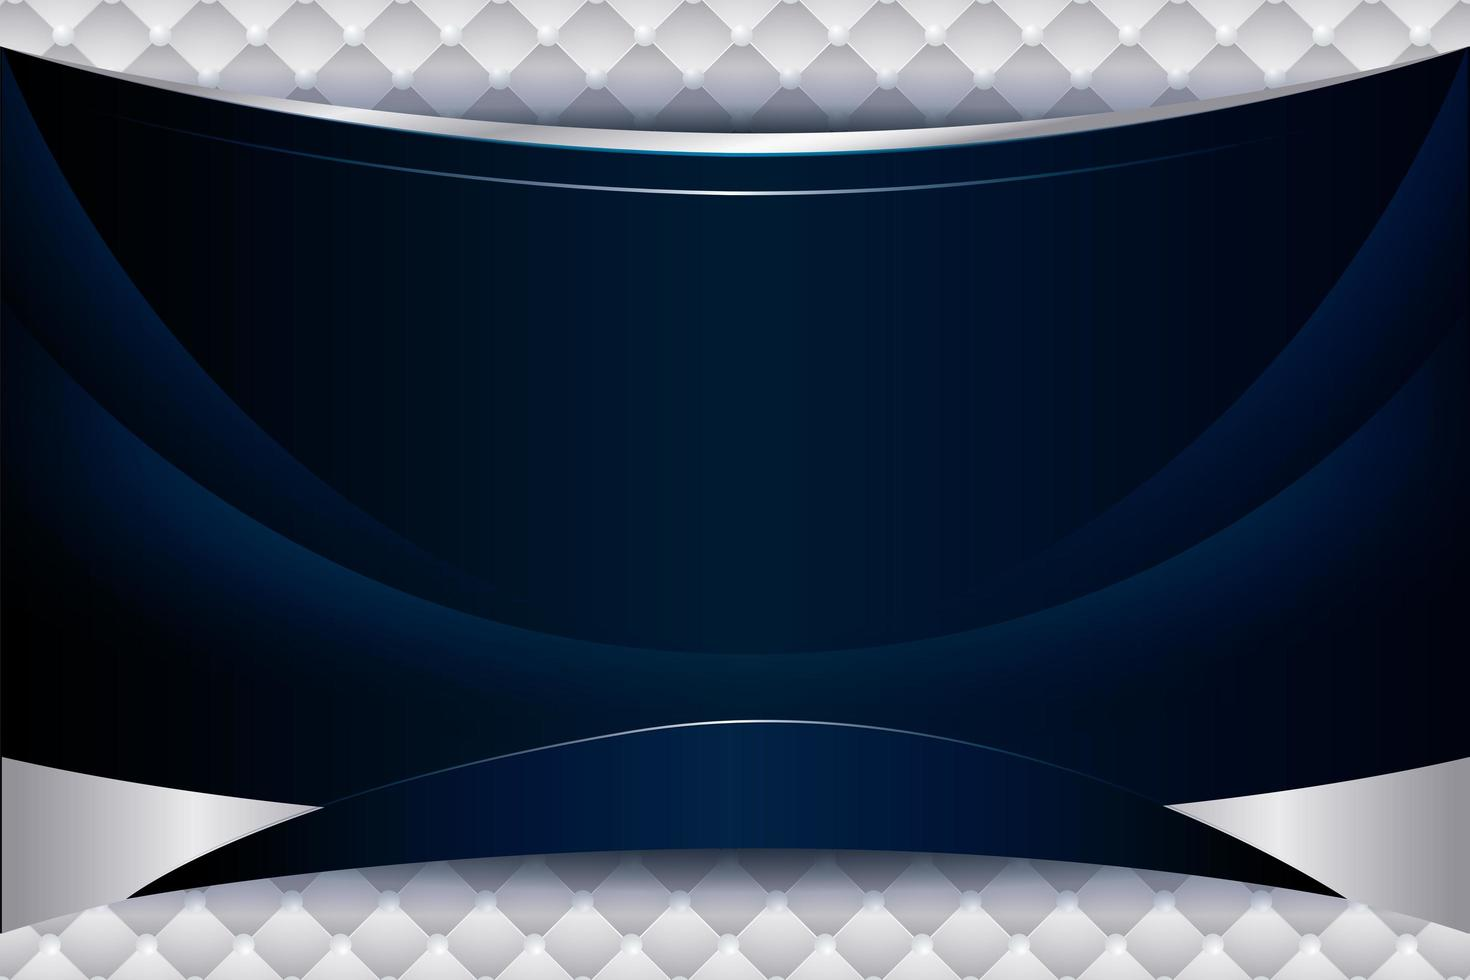 fond bleu élégant avec dégradé de vagues vecteur